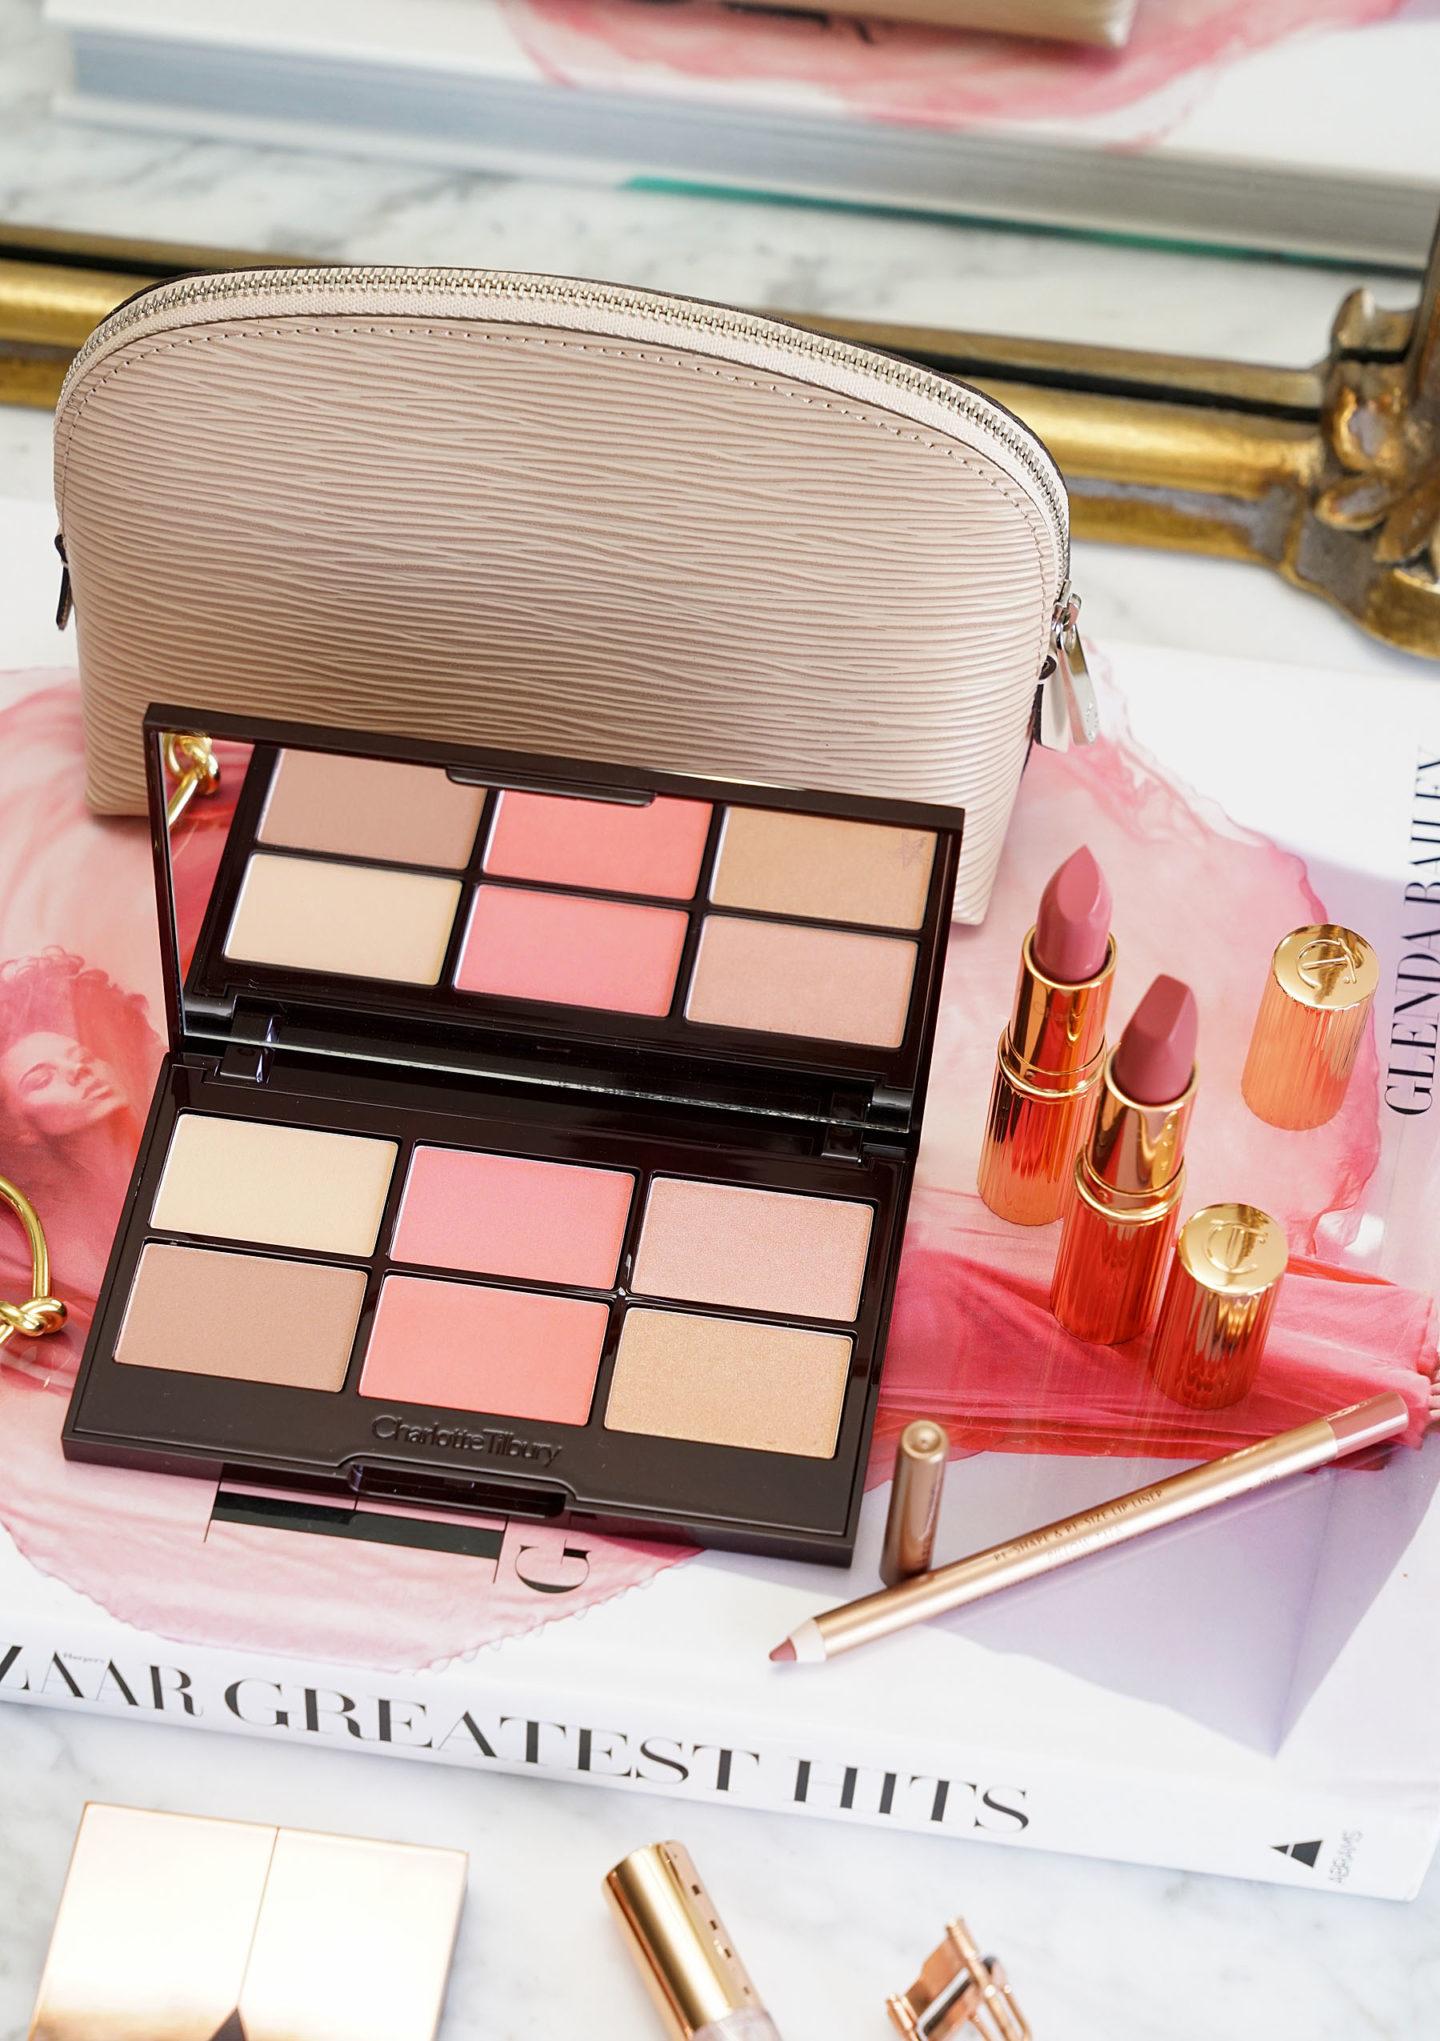 Nordstrom Anniversary Charlotte Tilbury Glowing Jolie peau Palette et jolie rose ensemble de lèvres